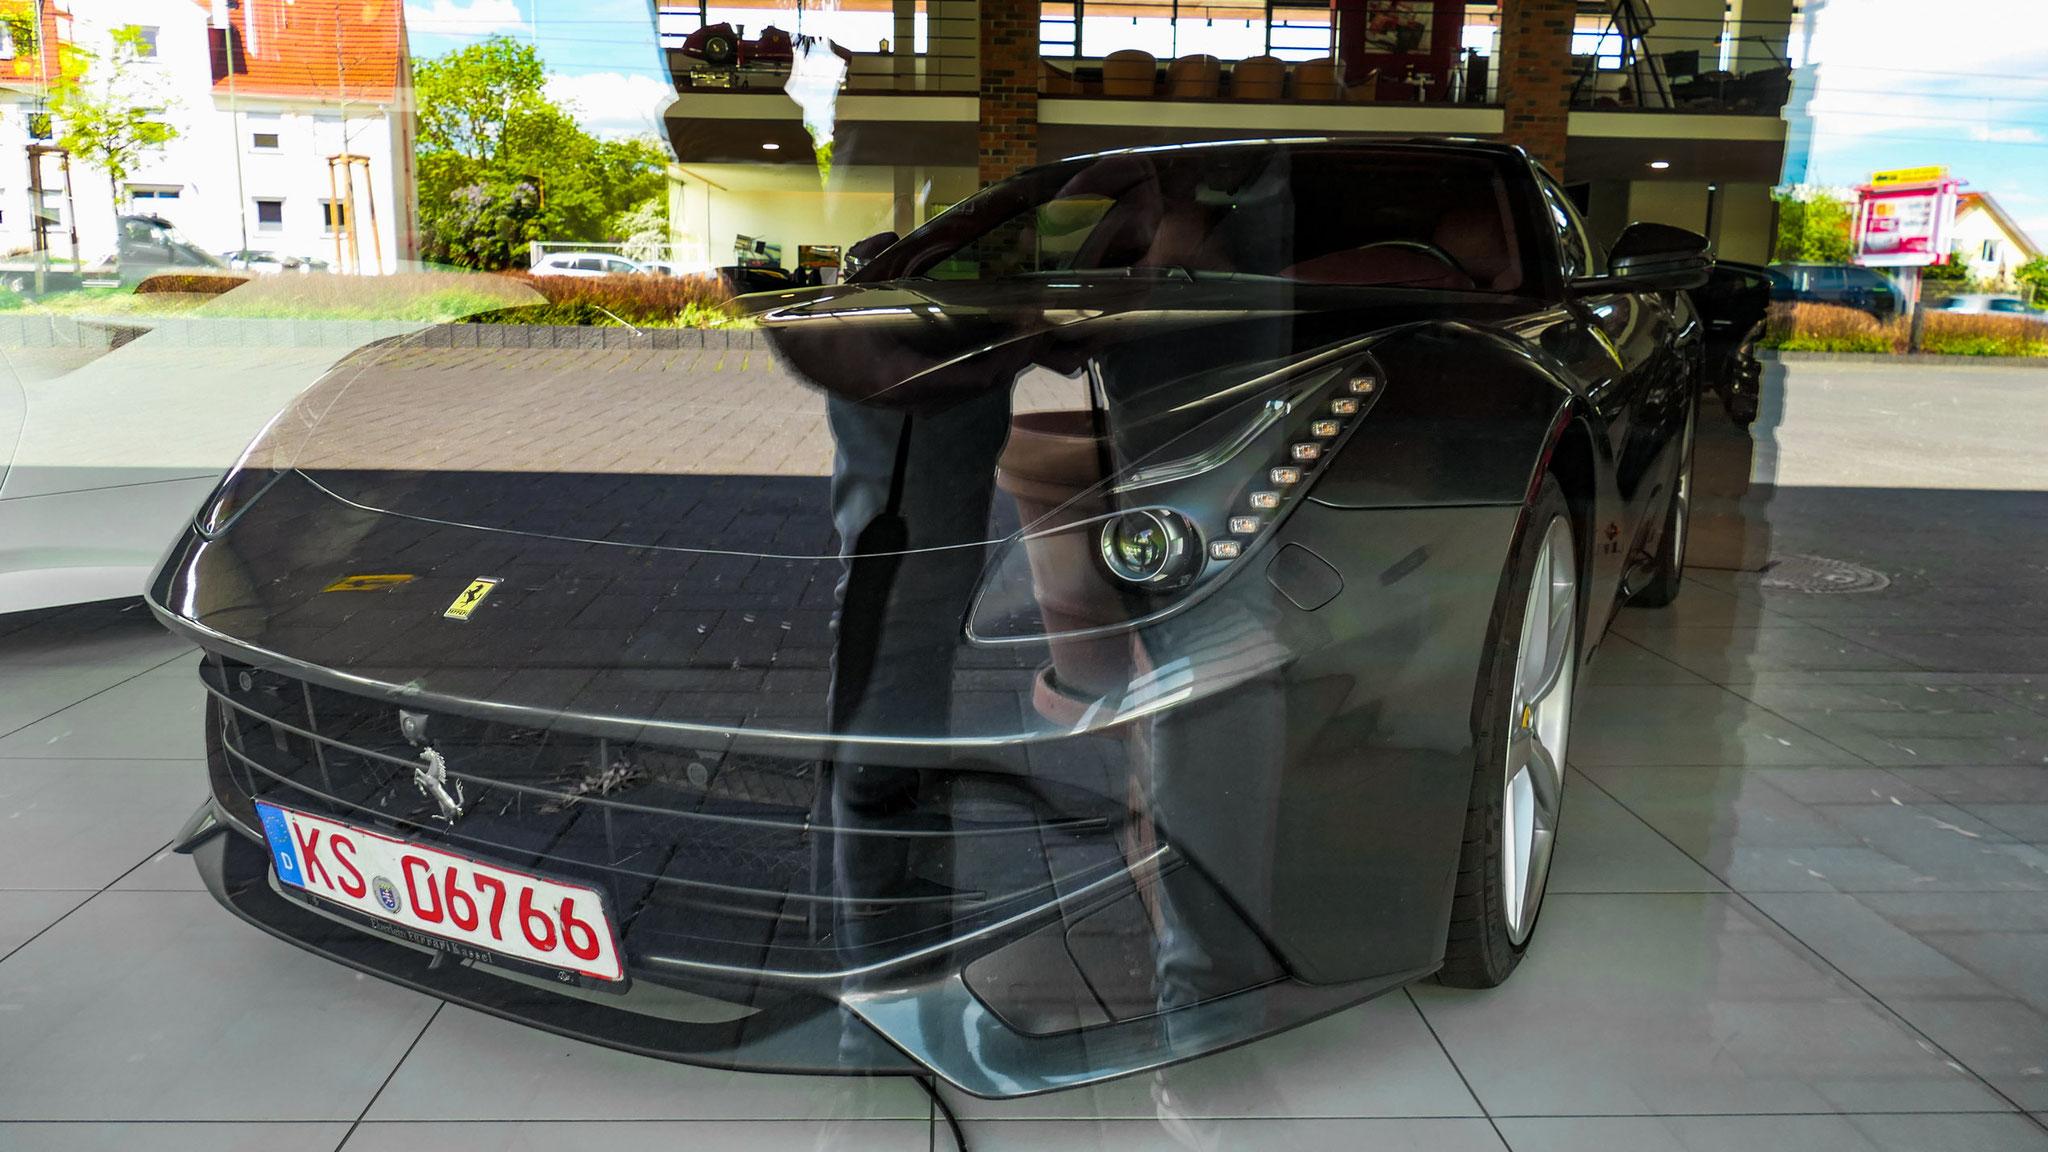 Ferrari F12 Berlinetta - KS-06766